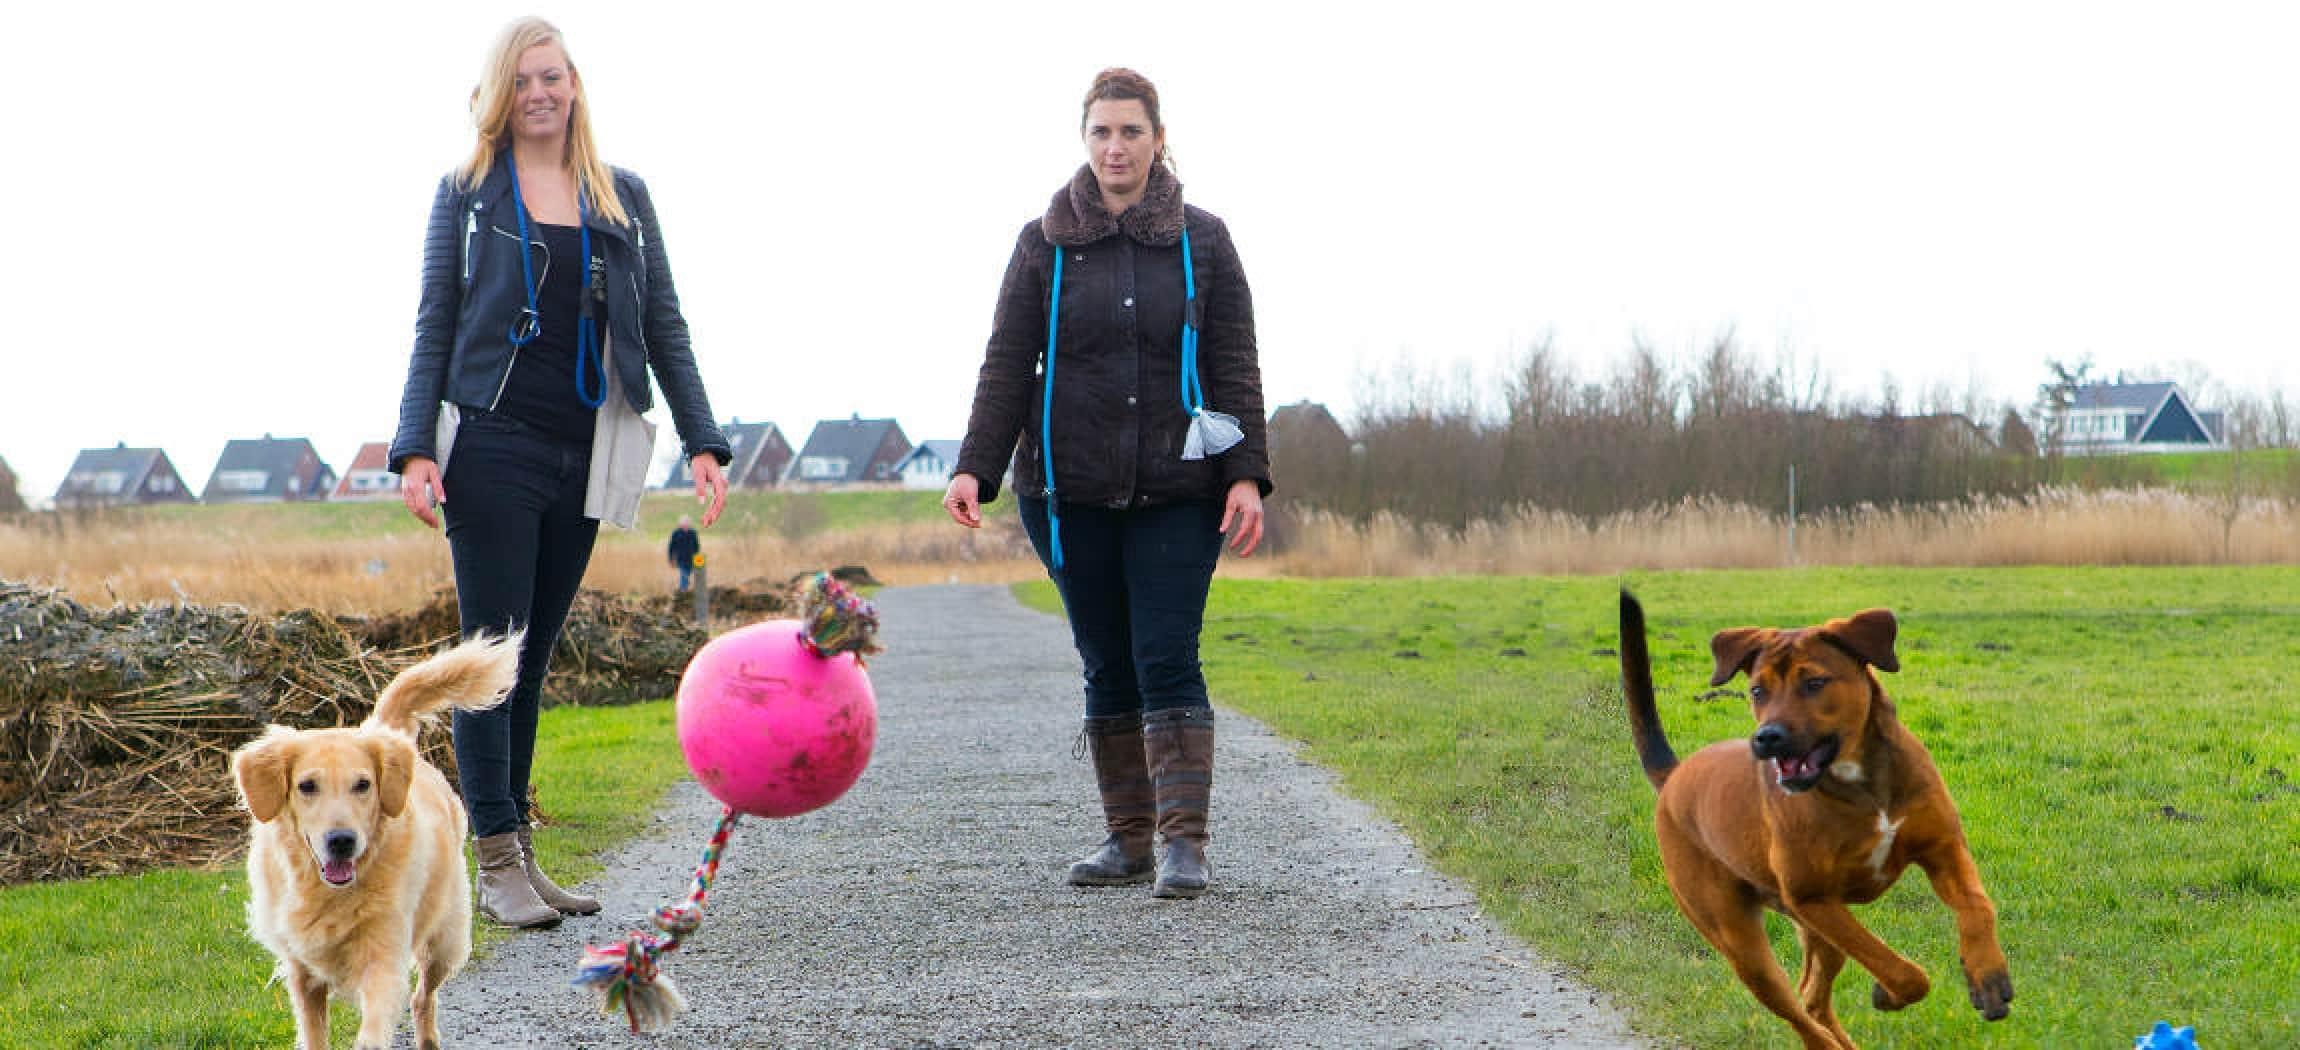 Twee honden rennen achter een roze bal aan met 2 vrouwen die de honden uitlaten